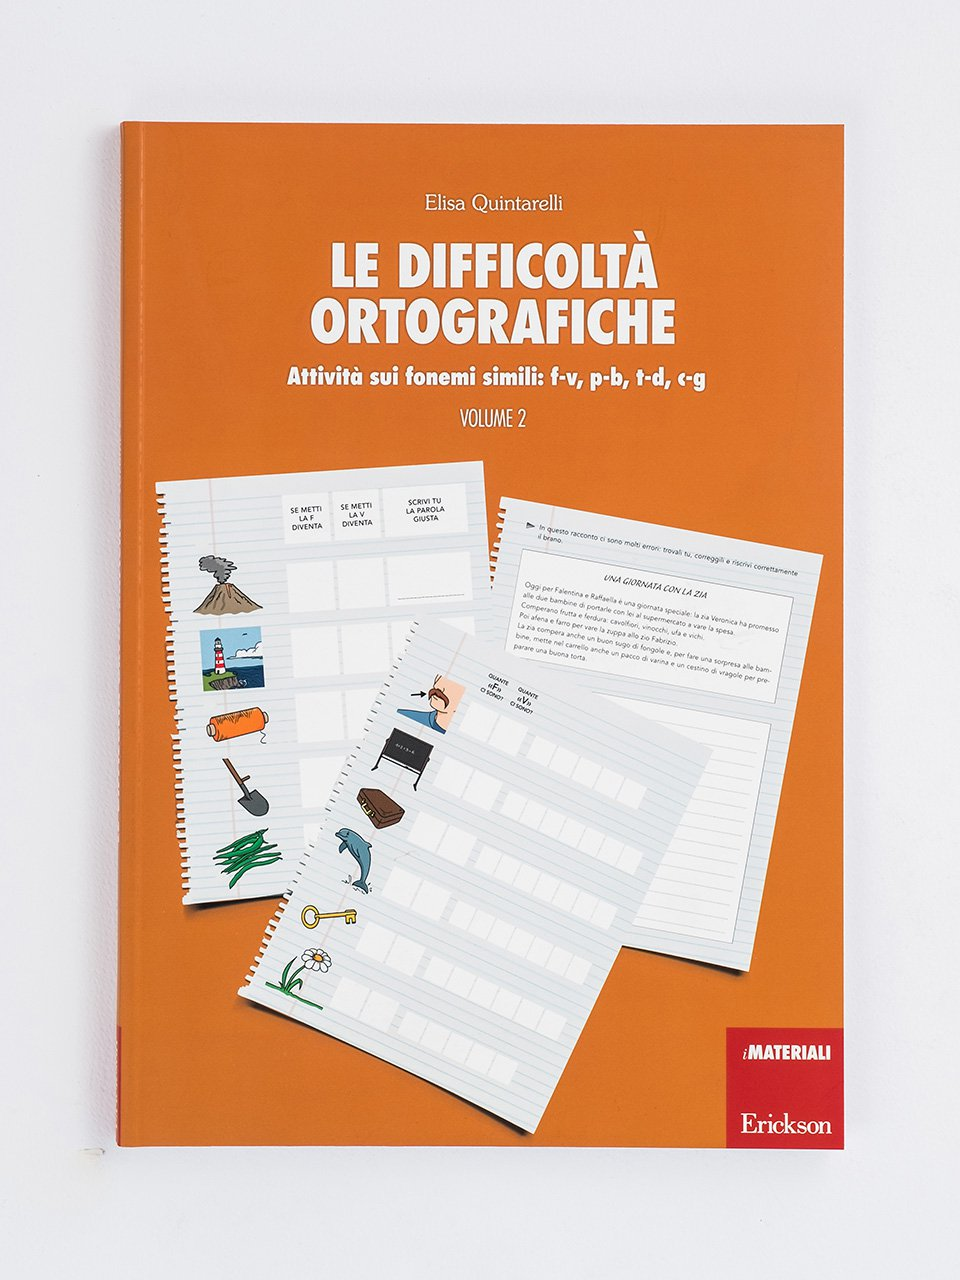 Le difficoltà ortografiche - Volume 2 - Schede per Tablotto (6-8 anni) - Grammatica incant - Giochi - Erickson 3